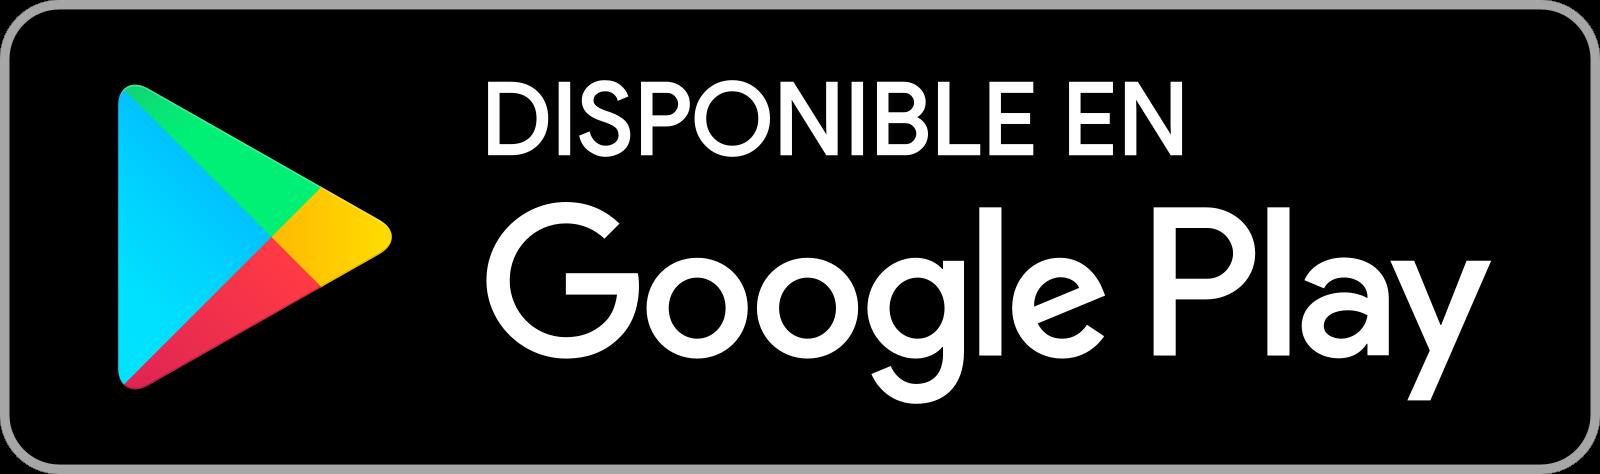 disponible en google play badge 2 - Disponible en Google Play Logo